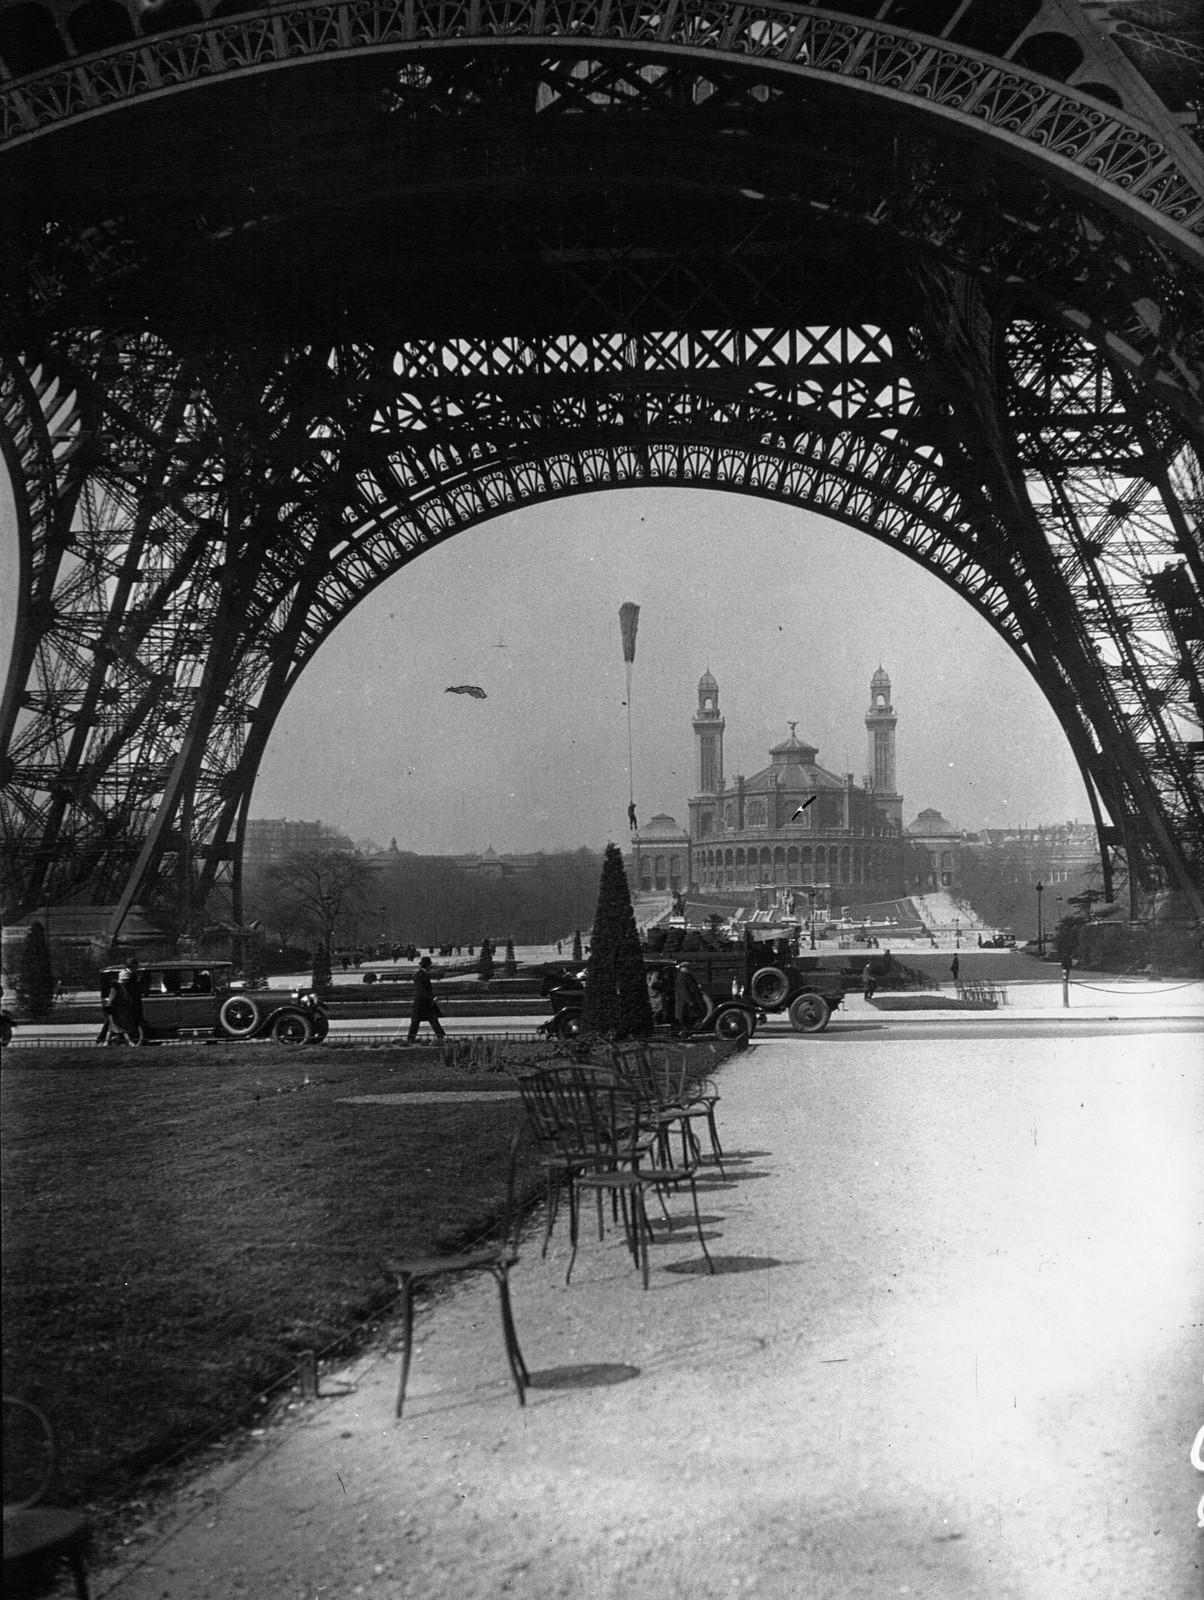 1928. Испытание нового парашюта на Эйфелевой башне